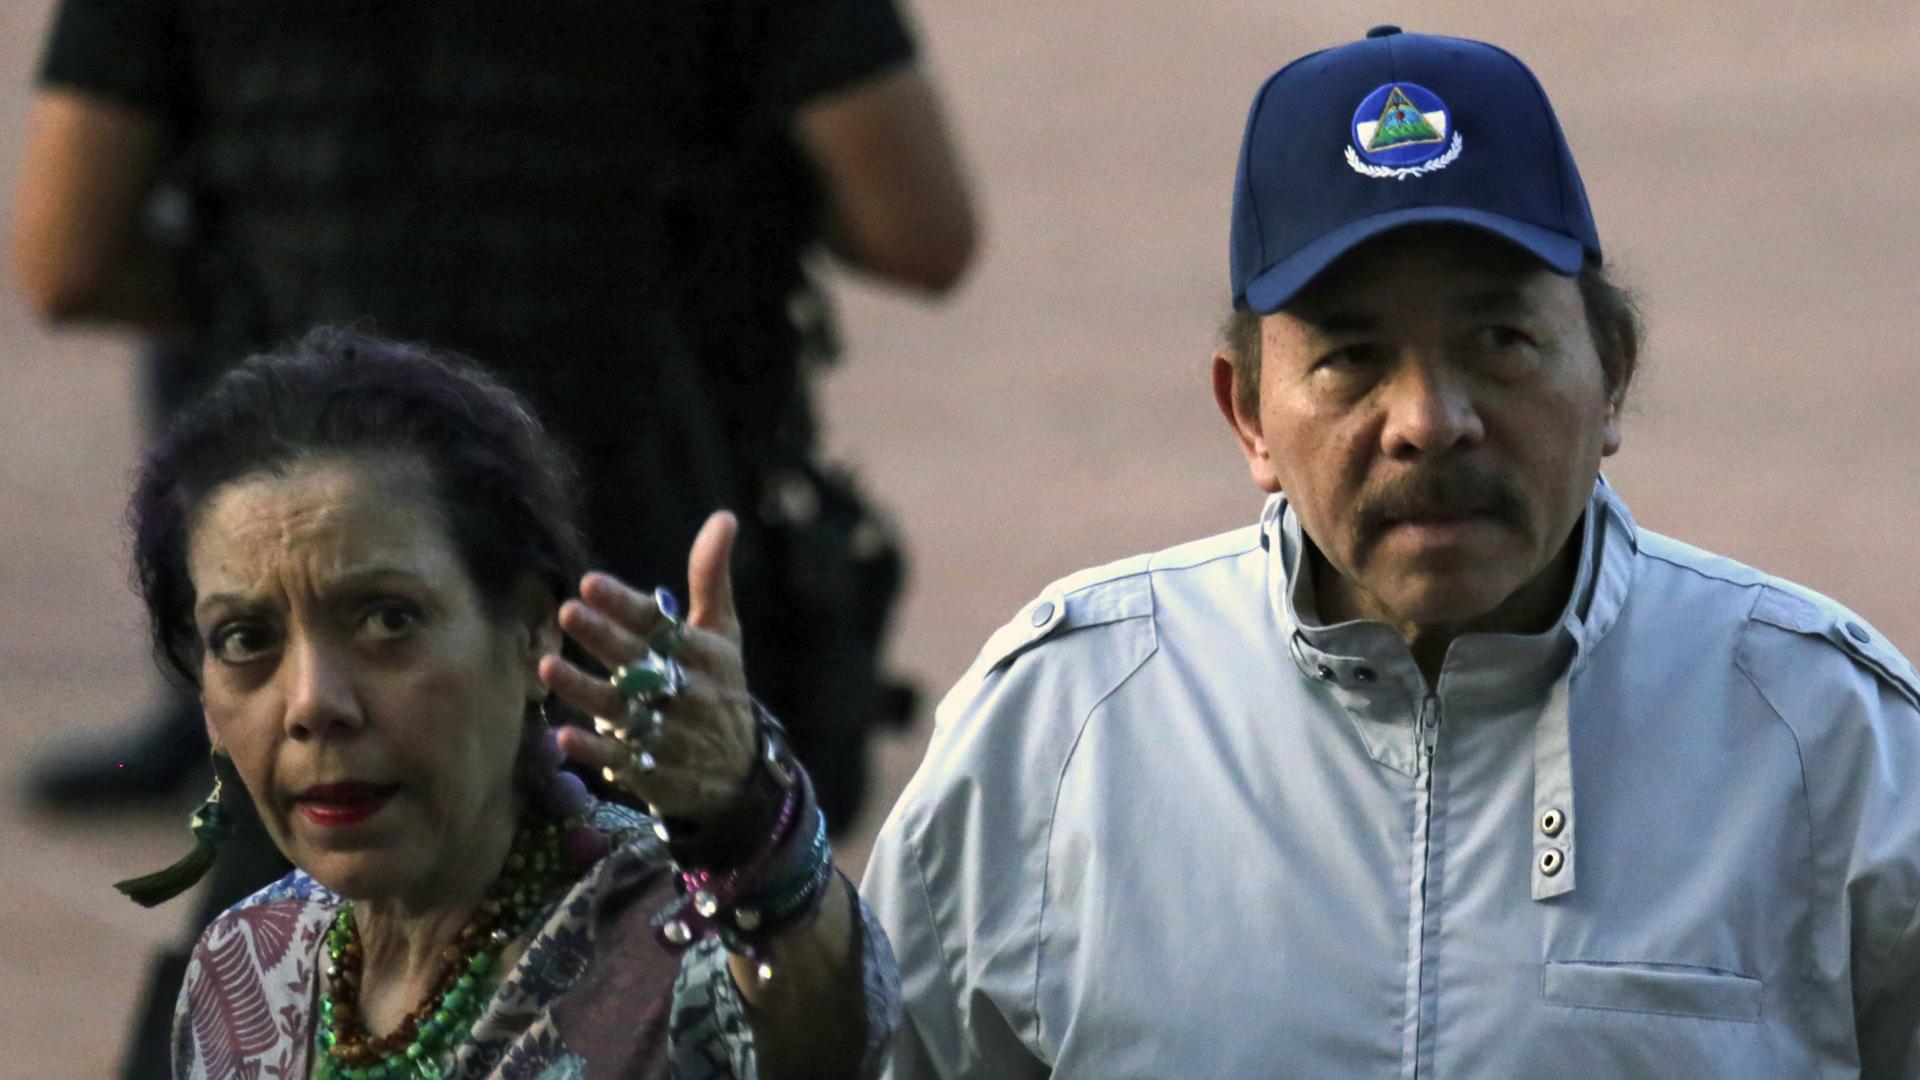 Mundo: Sigue la represión política en Nicaragua